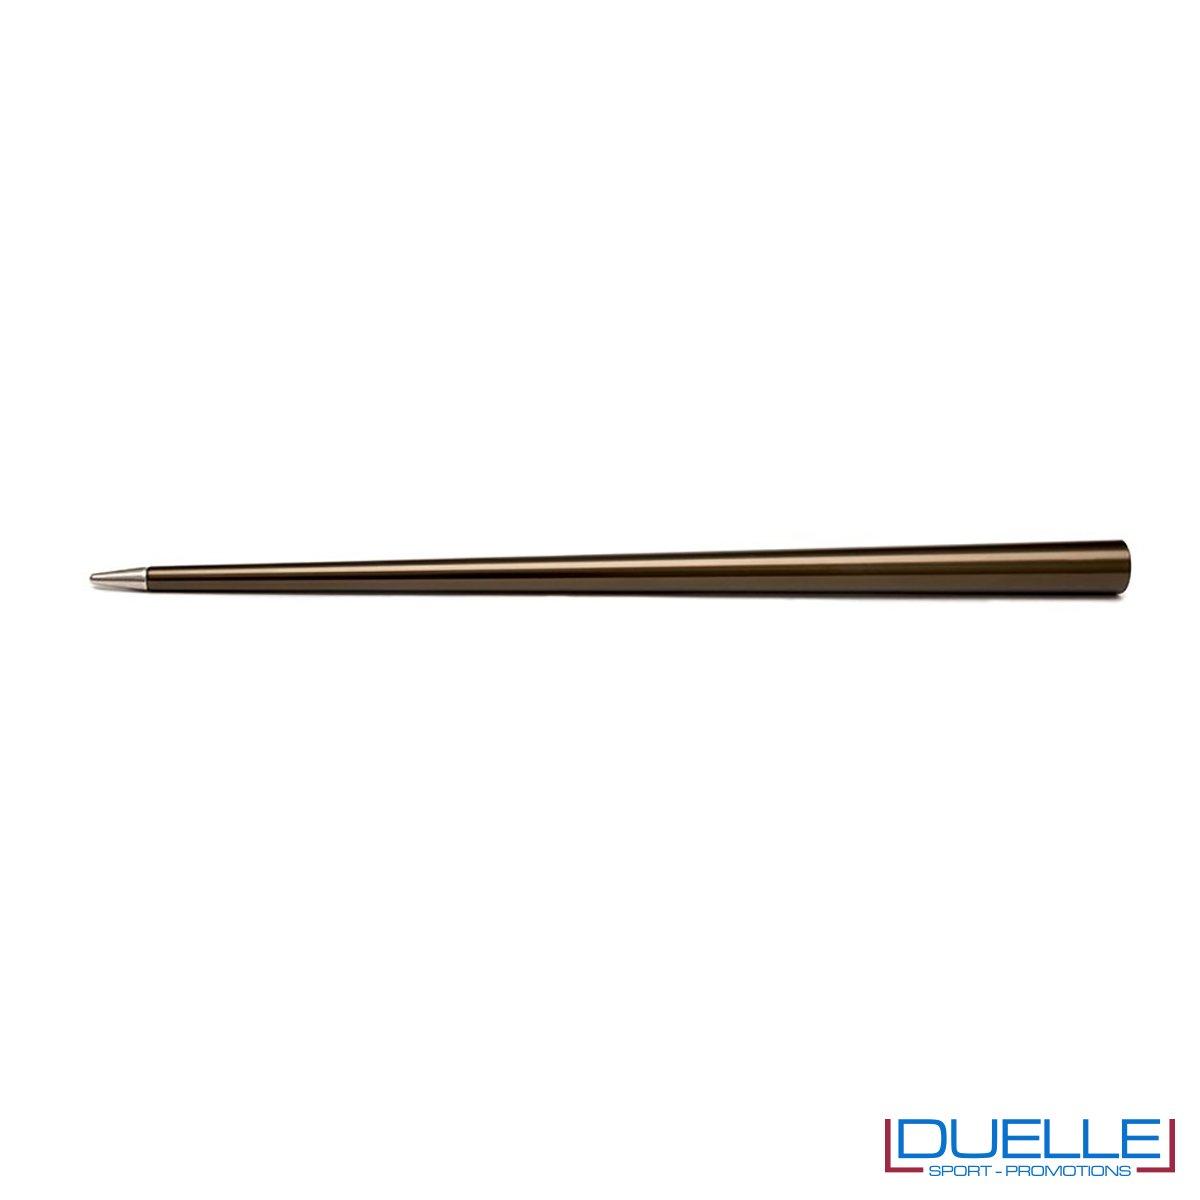 matita infinita personalizzata in colore bronzo, matita infinita 4ever promozionale in colore bronzo